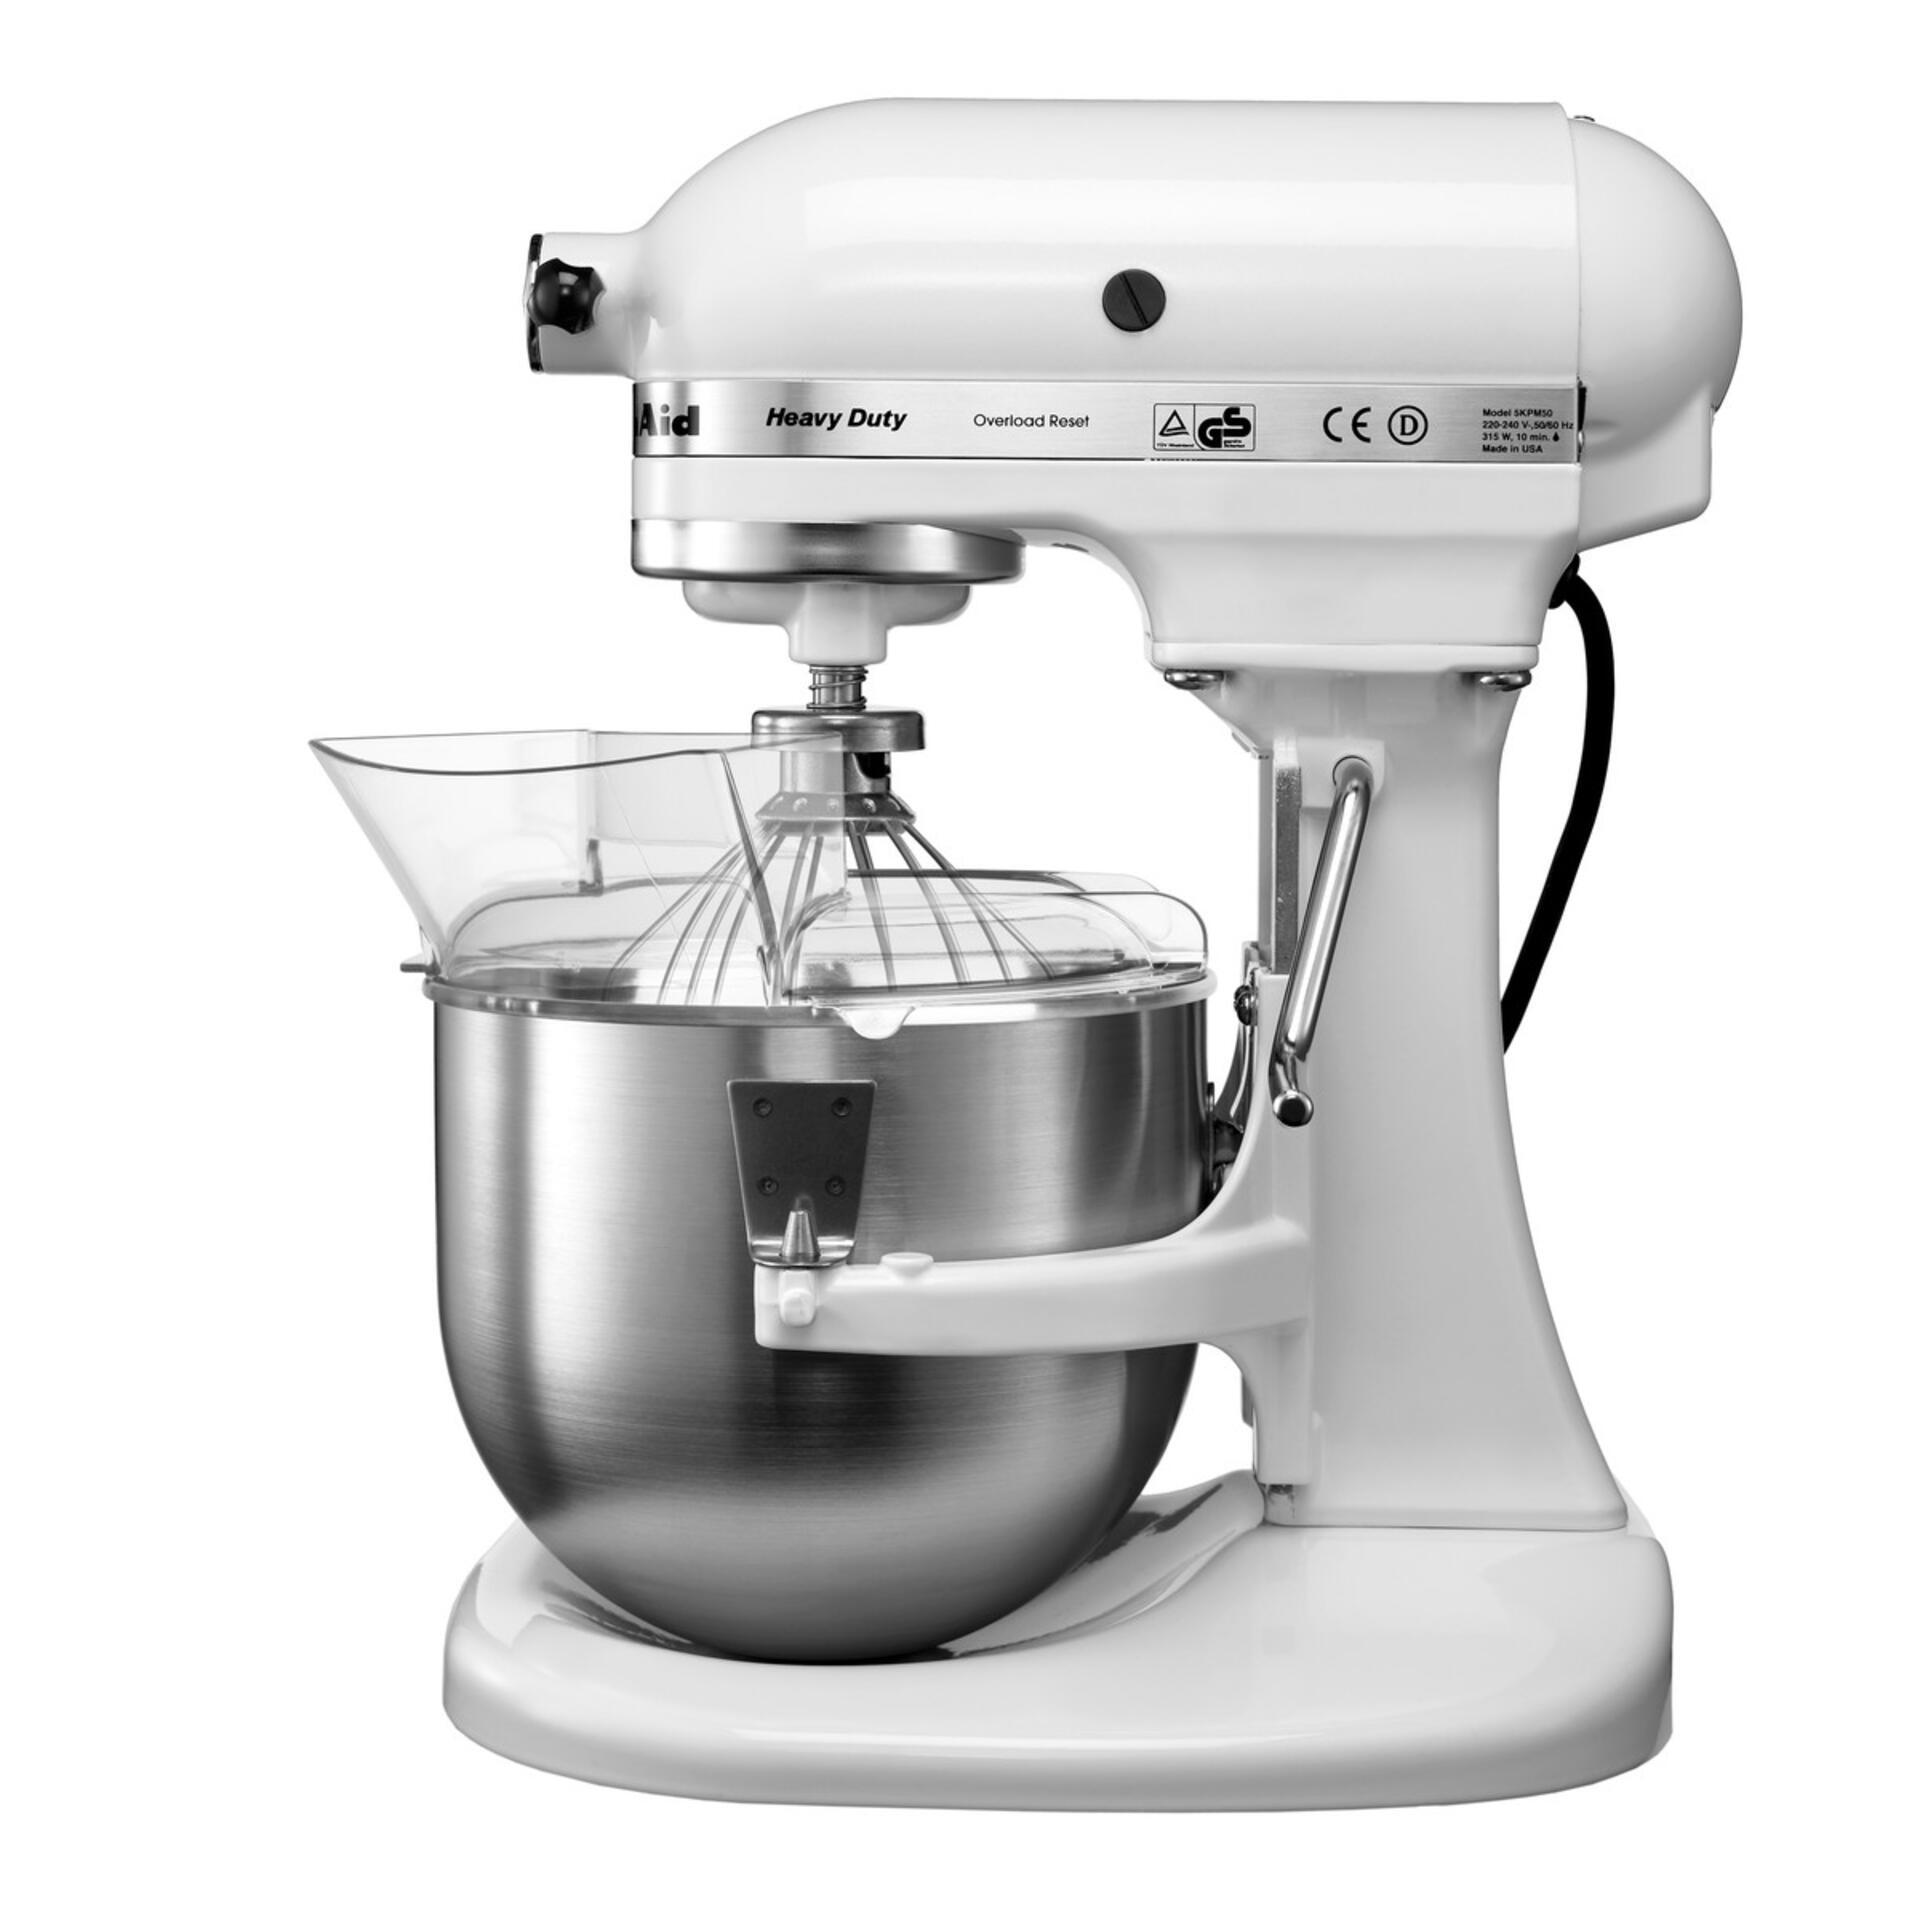 KitchenAid Heavy Duty Küchenmaschine Weiß 5KPM5EWH 4,8 L